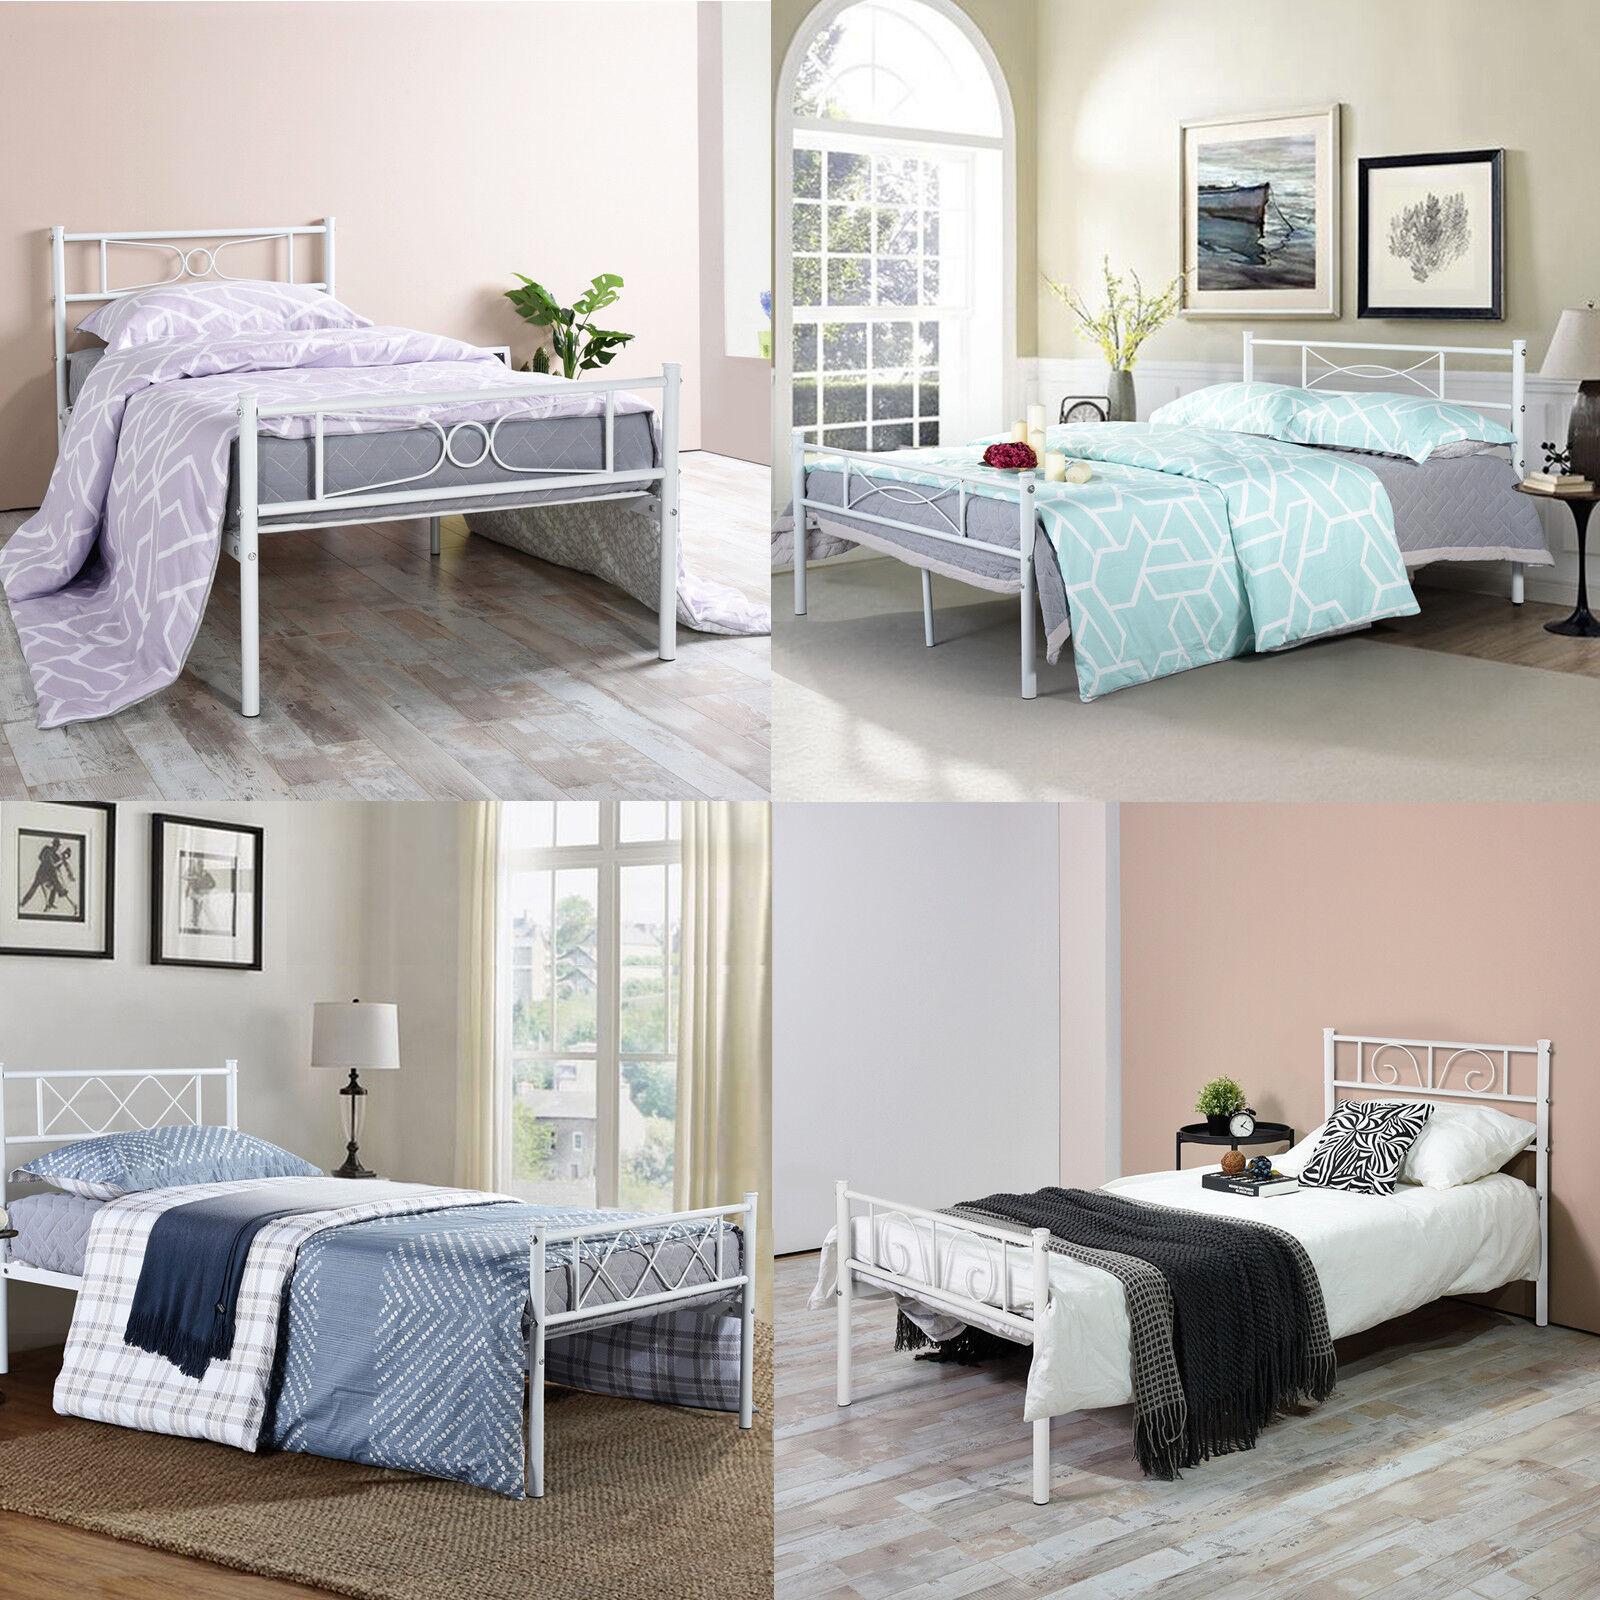 Twin Full Queen Size Platform Metal Bed Frame Bedroom Founda